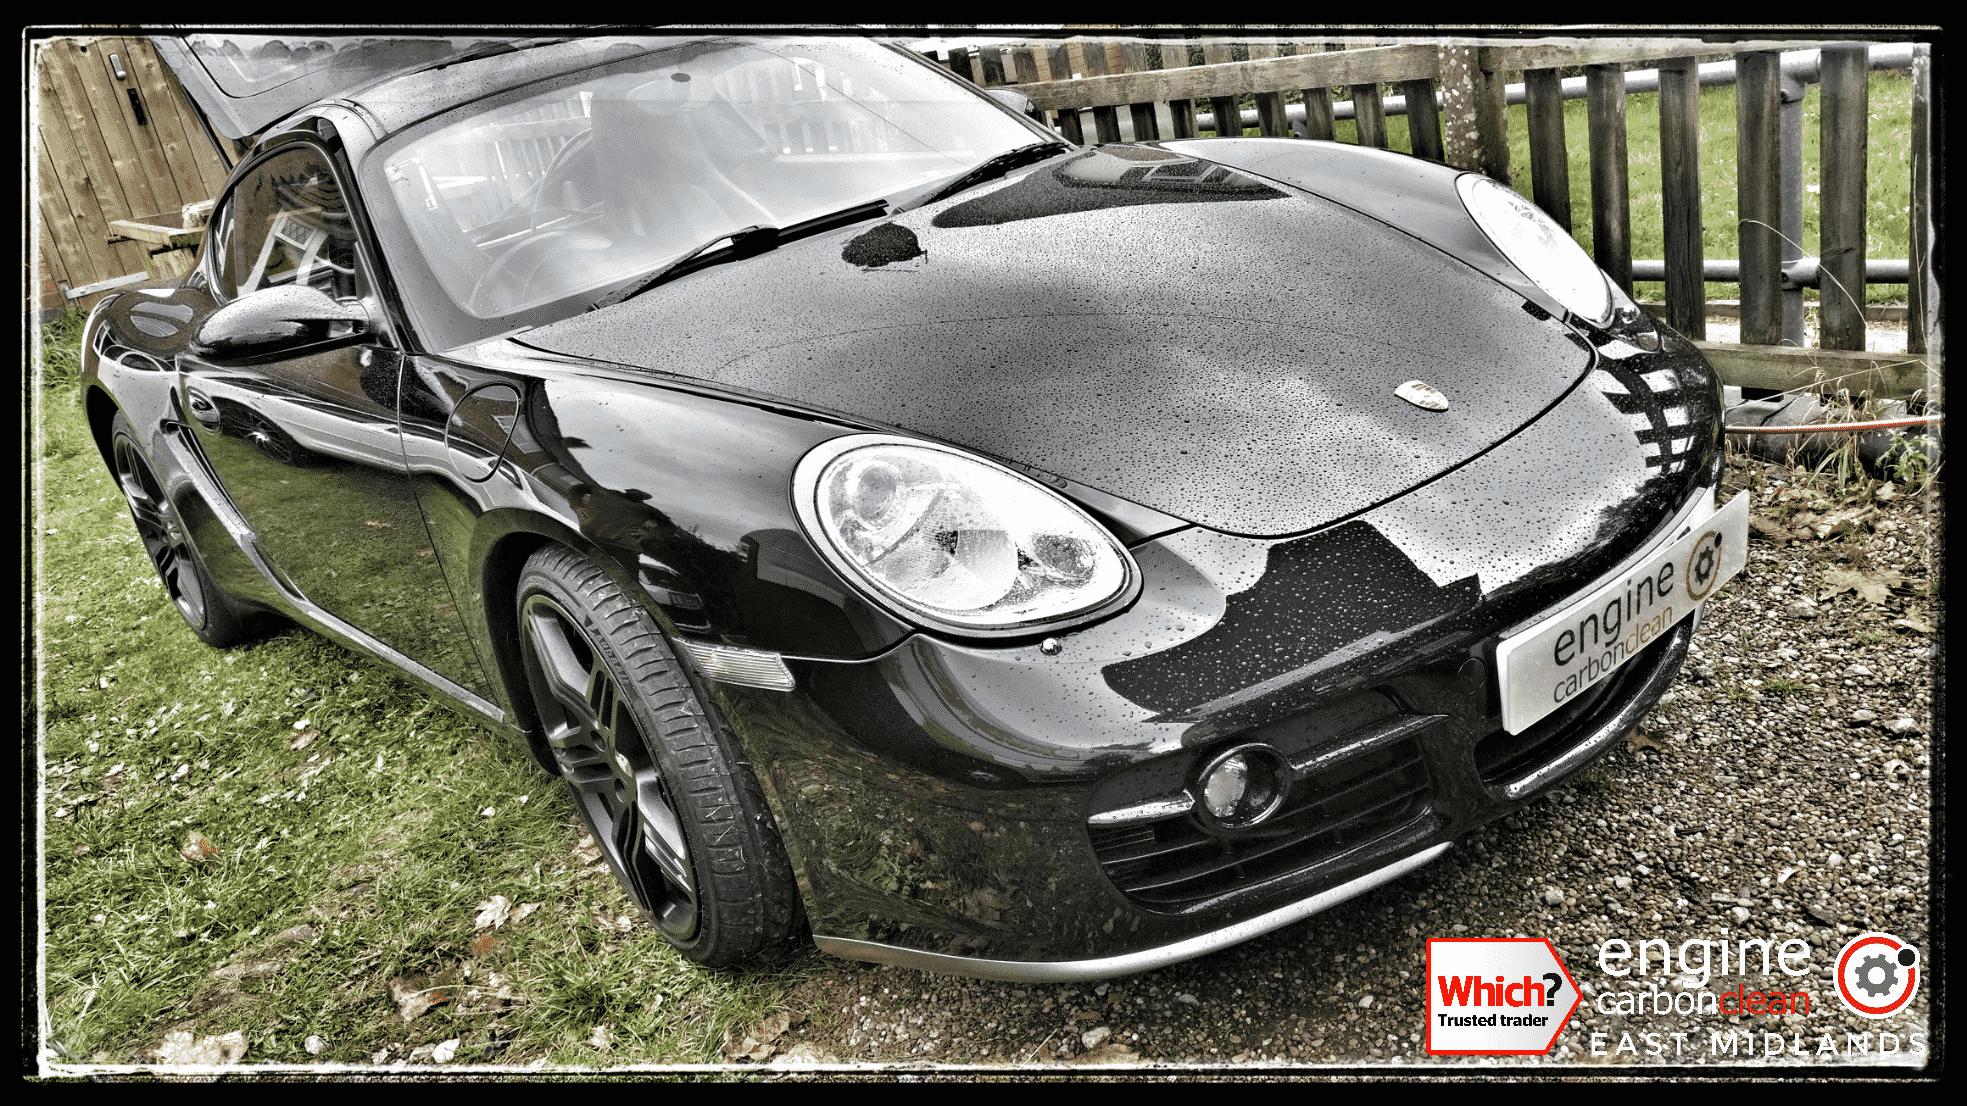 Engine Carbon Clean on a Porsche Cayman S (2006 - 79,220 miles)